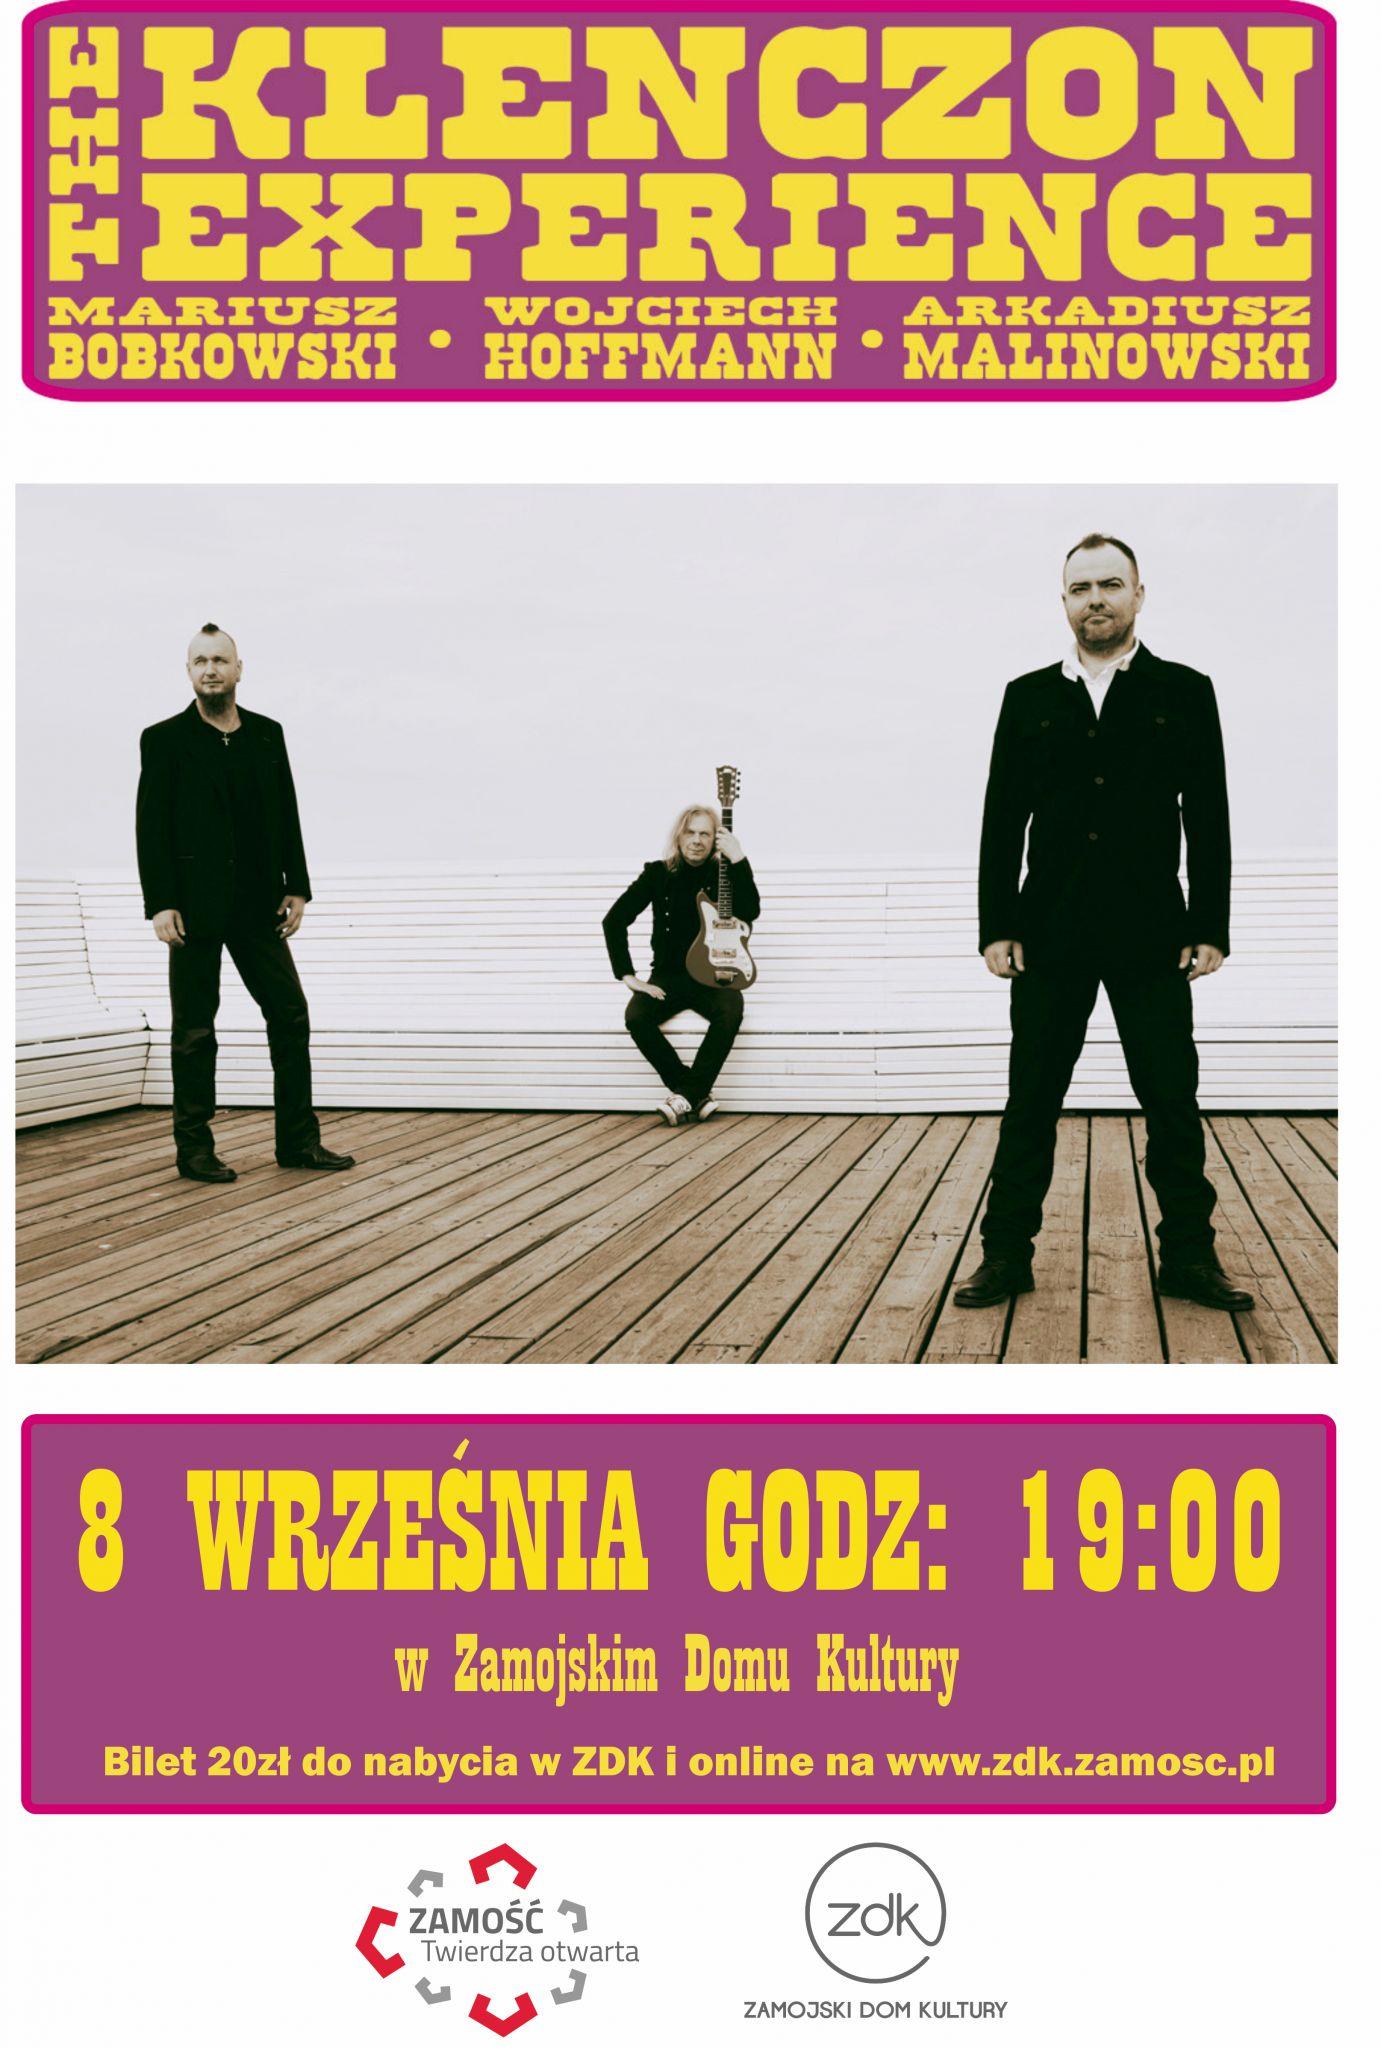 klenczon19 Najpiękniejsze piosenki Krzysztofa Klenczona w ZDK-u. MAMY DLA WAS DARMOWE WEJŚCIÓWKI na koncert!!